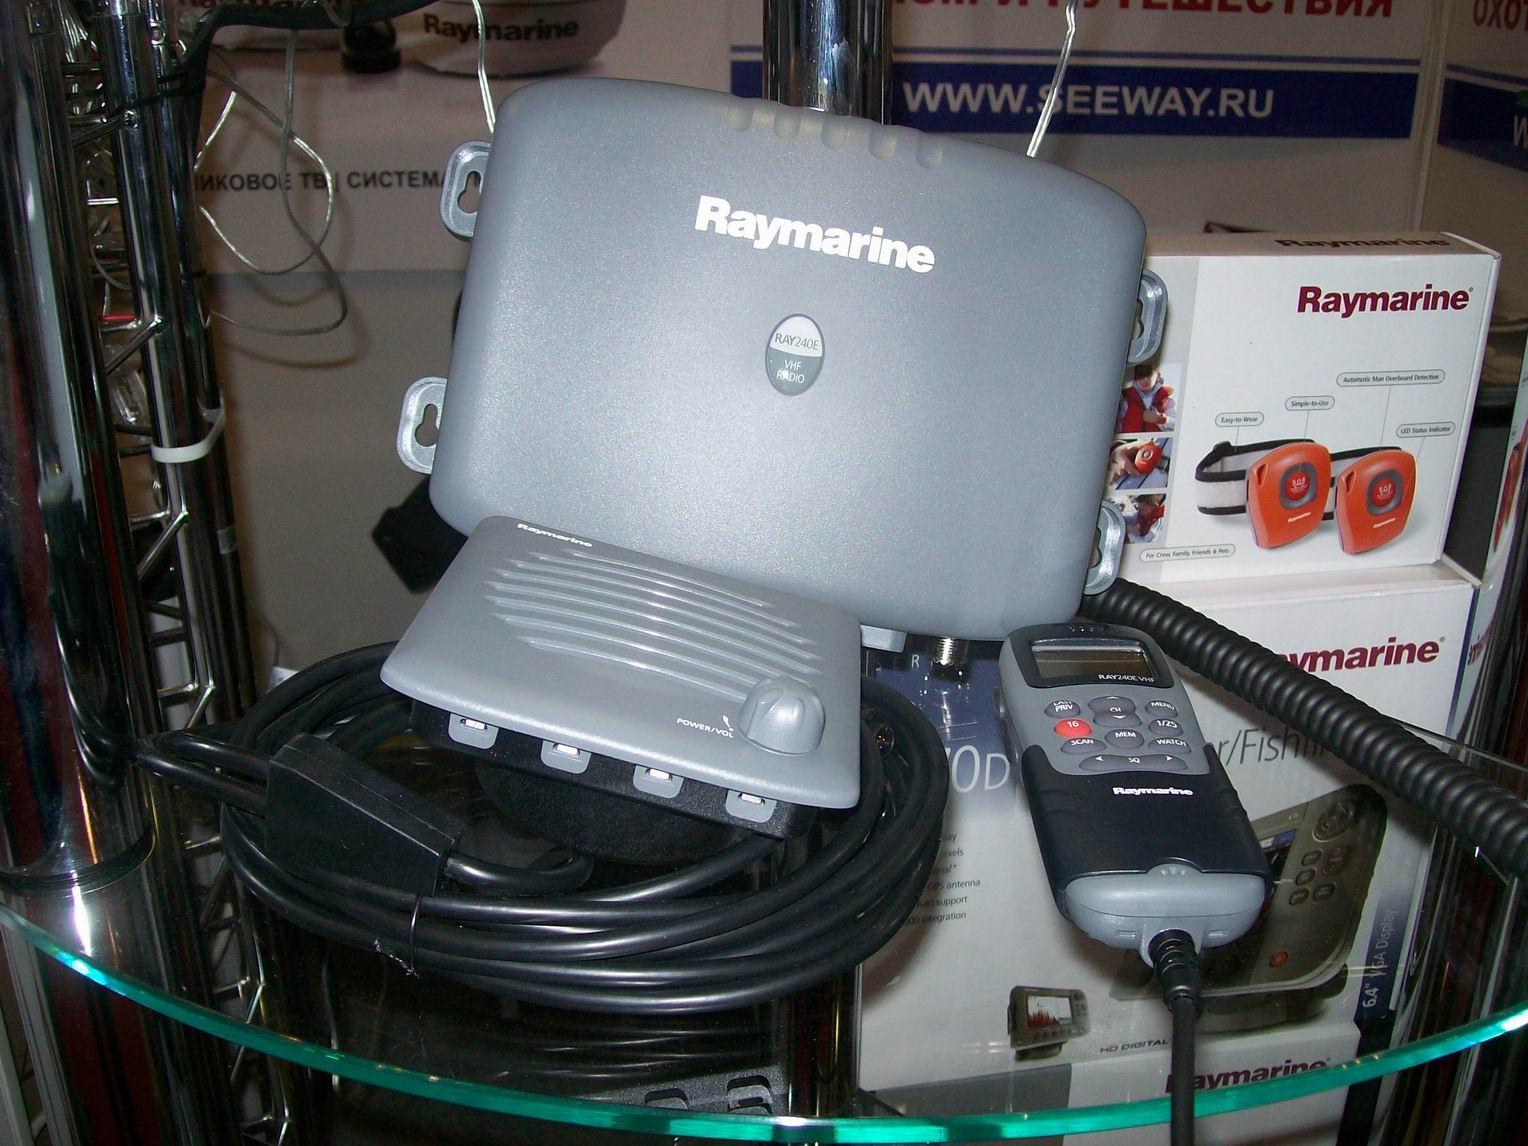 схема радиостанции транспорт